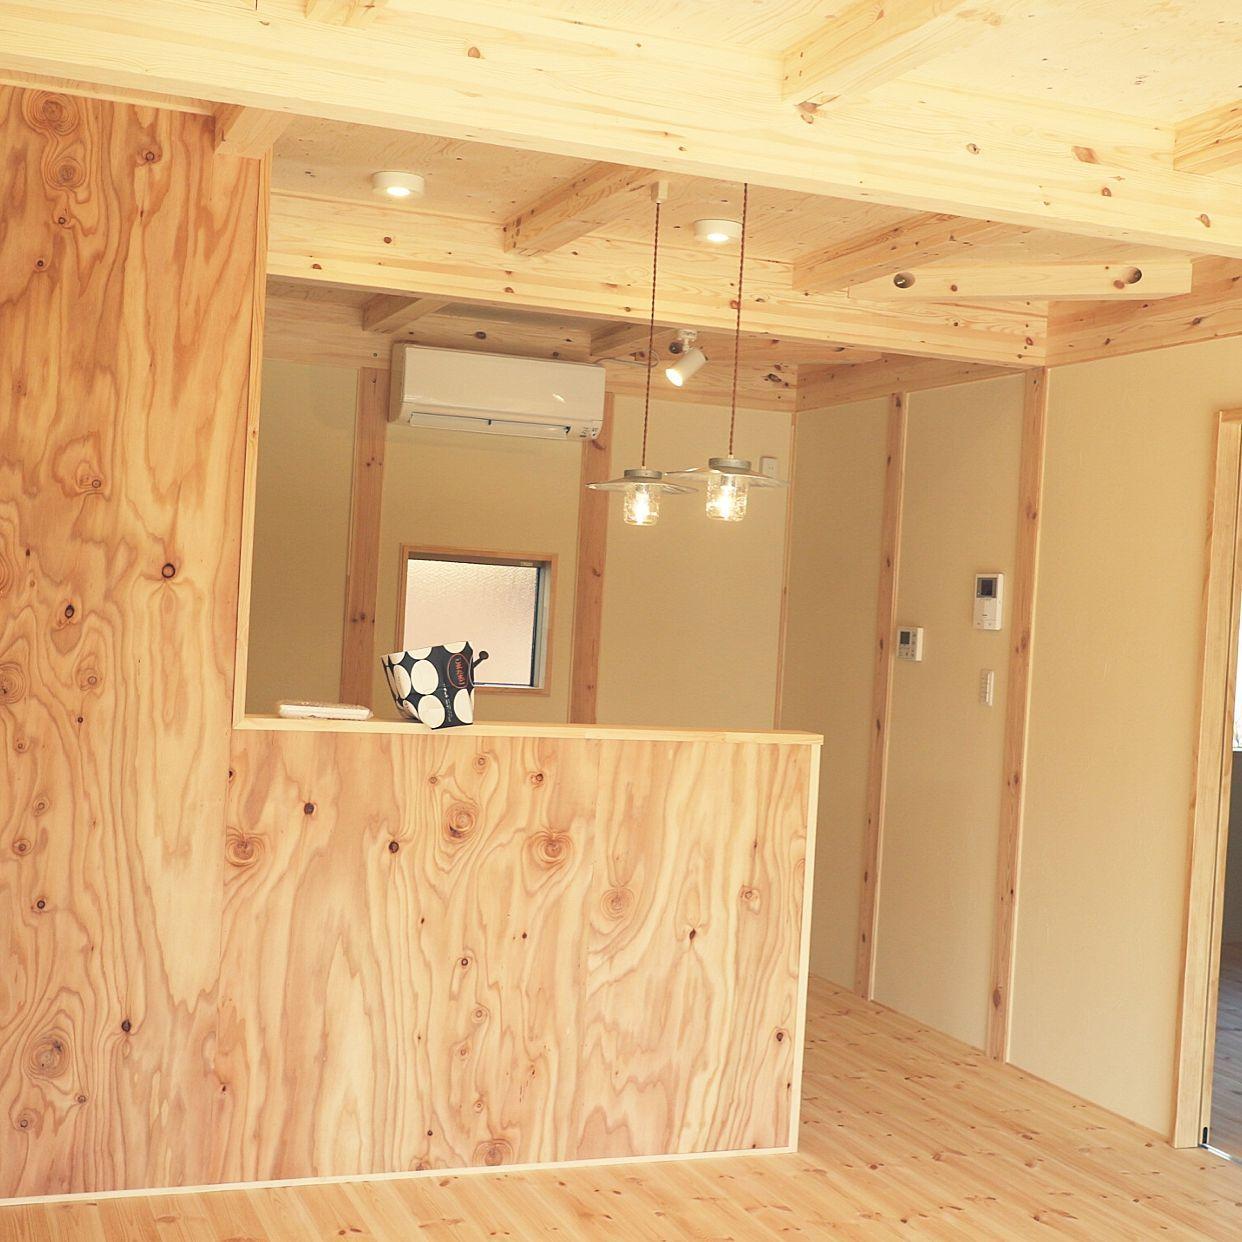 壁 天井 無垢材 針葉樹合板 平屋暮らし 塗り壁のインテリア実例 2017